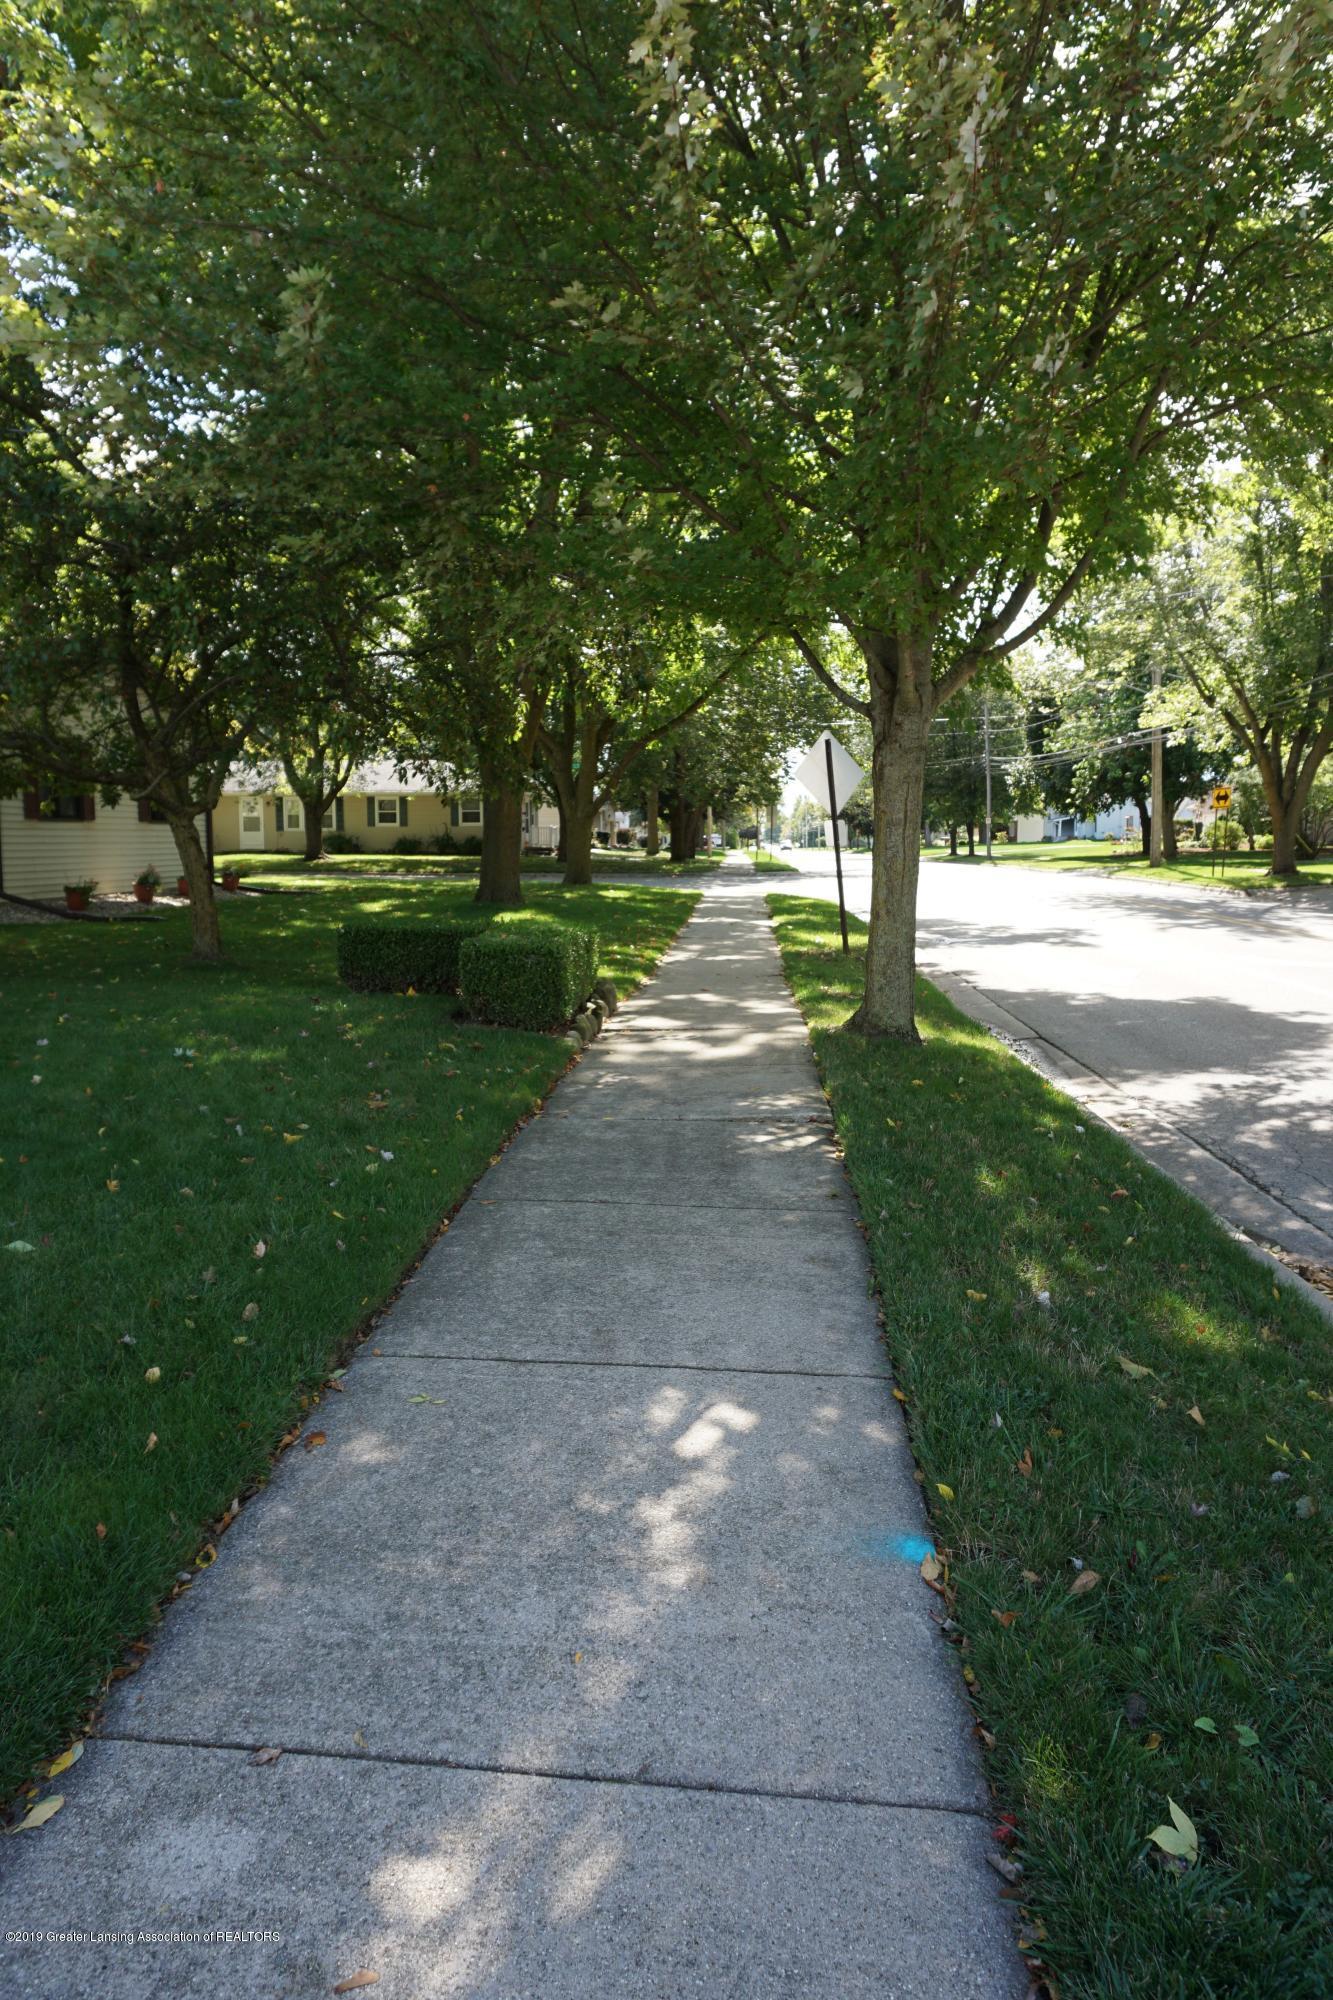 809 S Lansing St - Street View - 17